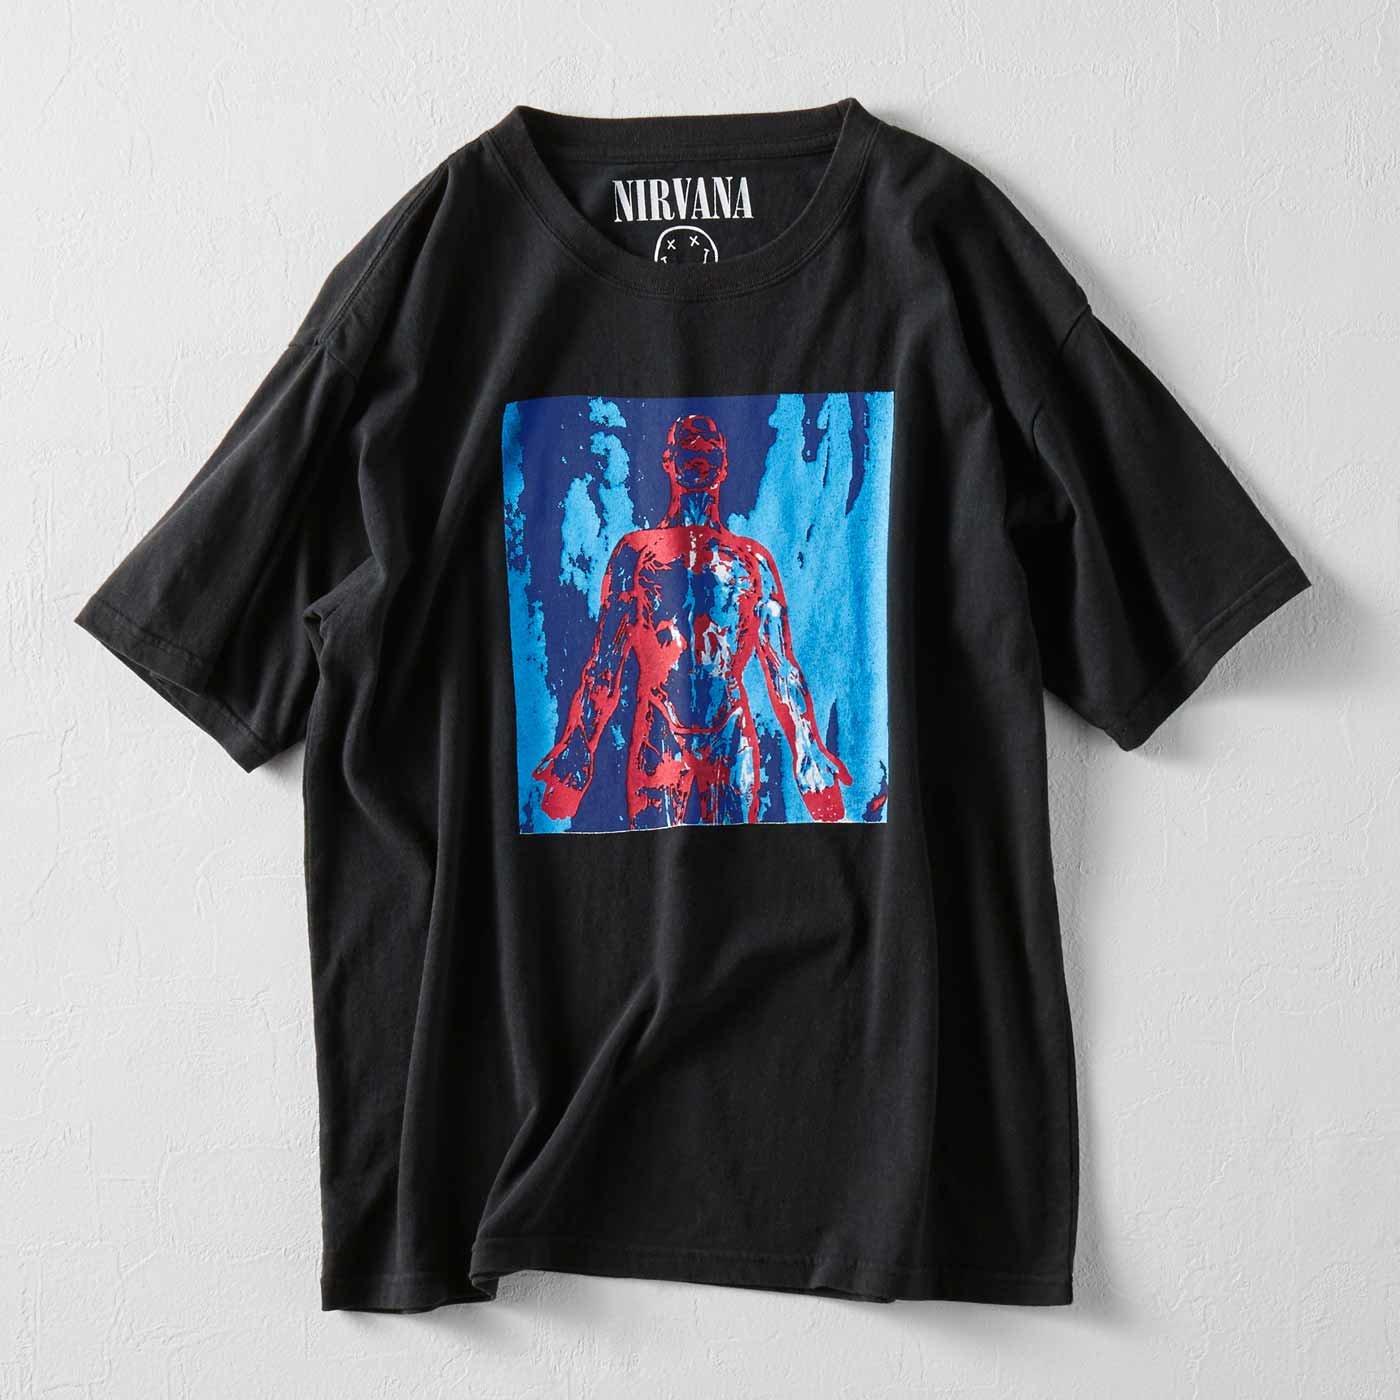 MEDE19F ヴィンテージ加工 NIRVANA Tシャツ〈ブラック〉